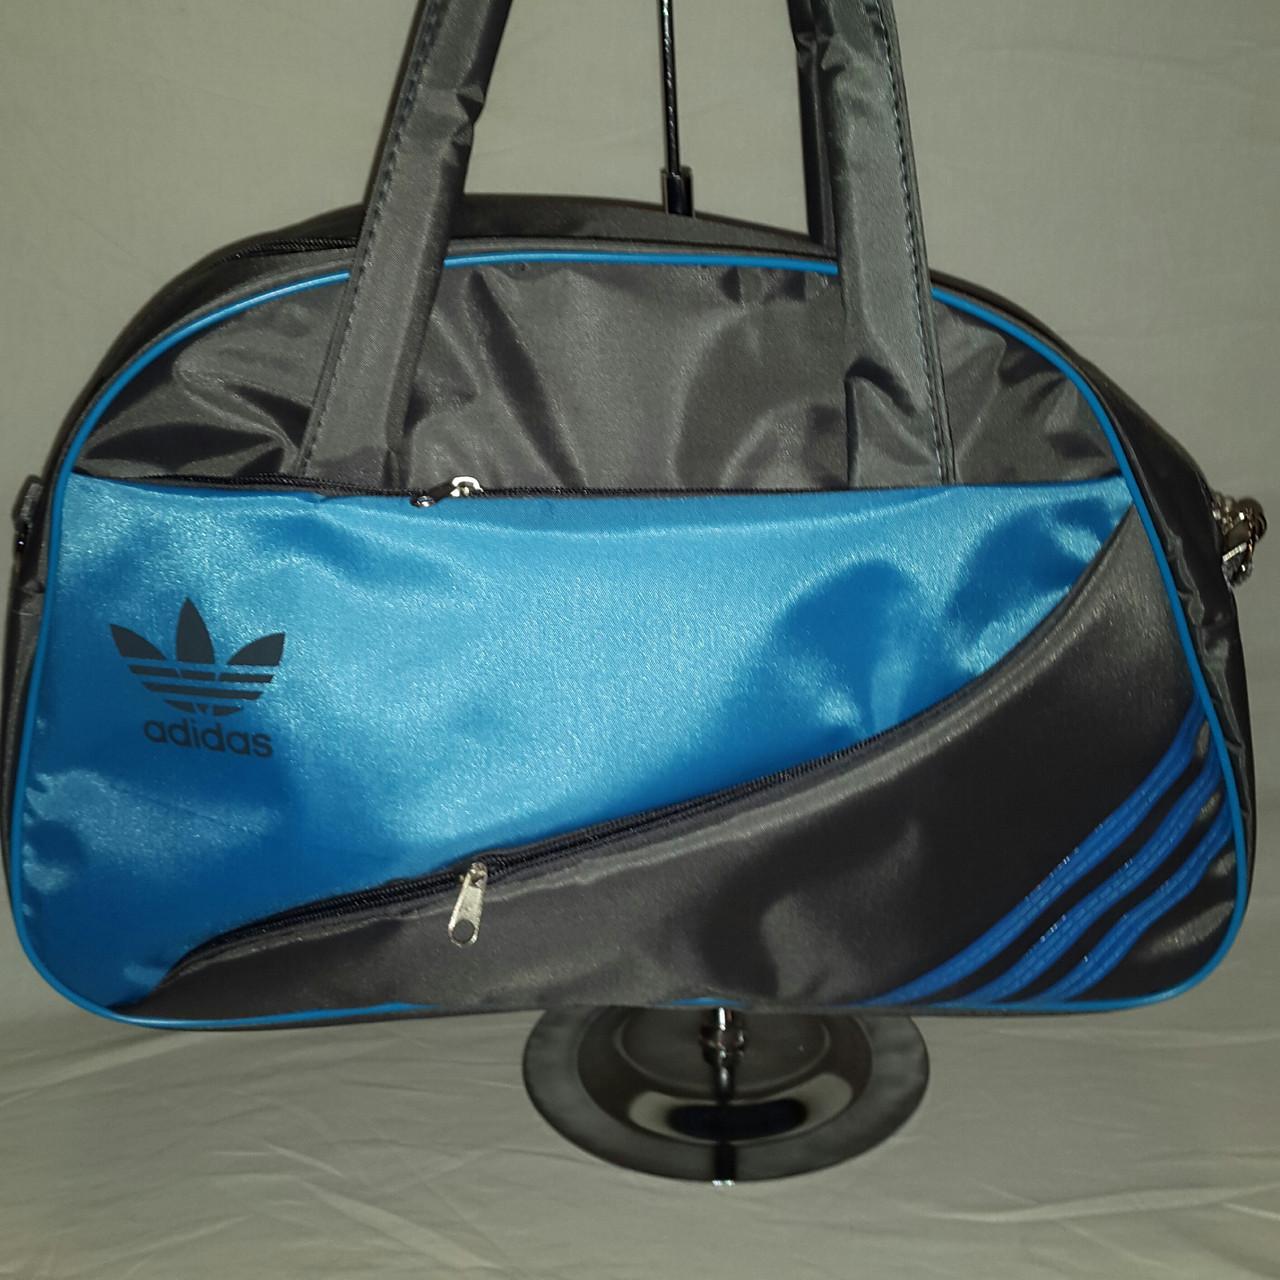 84f6f6153919 Спортивная сумка оптом адидас: продажа, цена в Харькове. спортивные ...